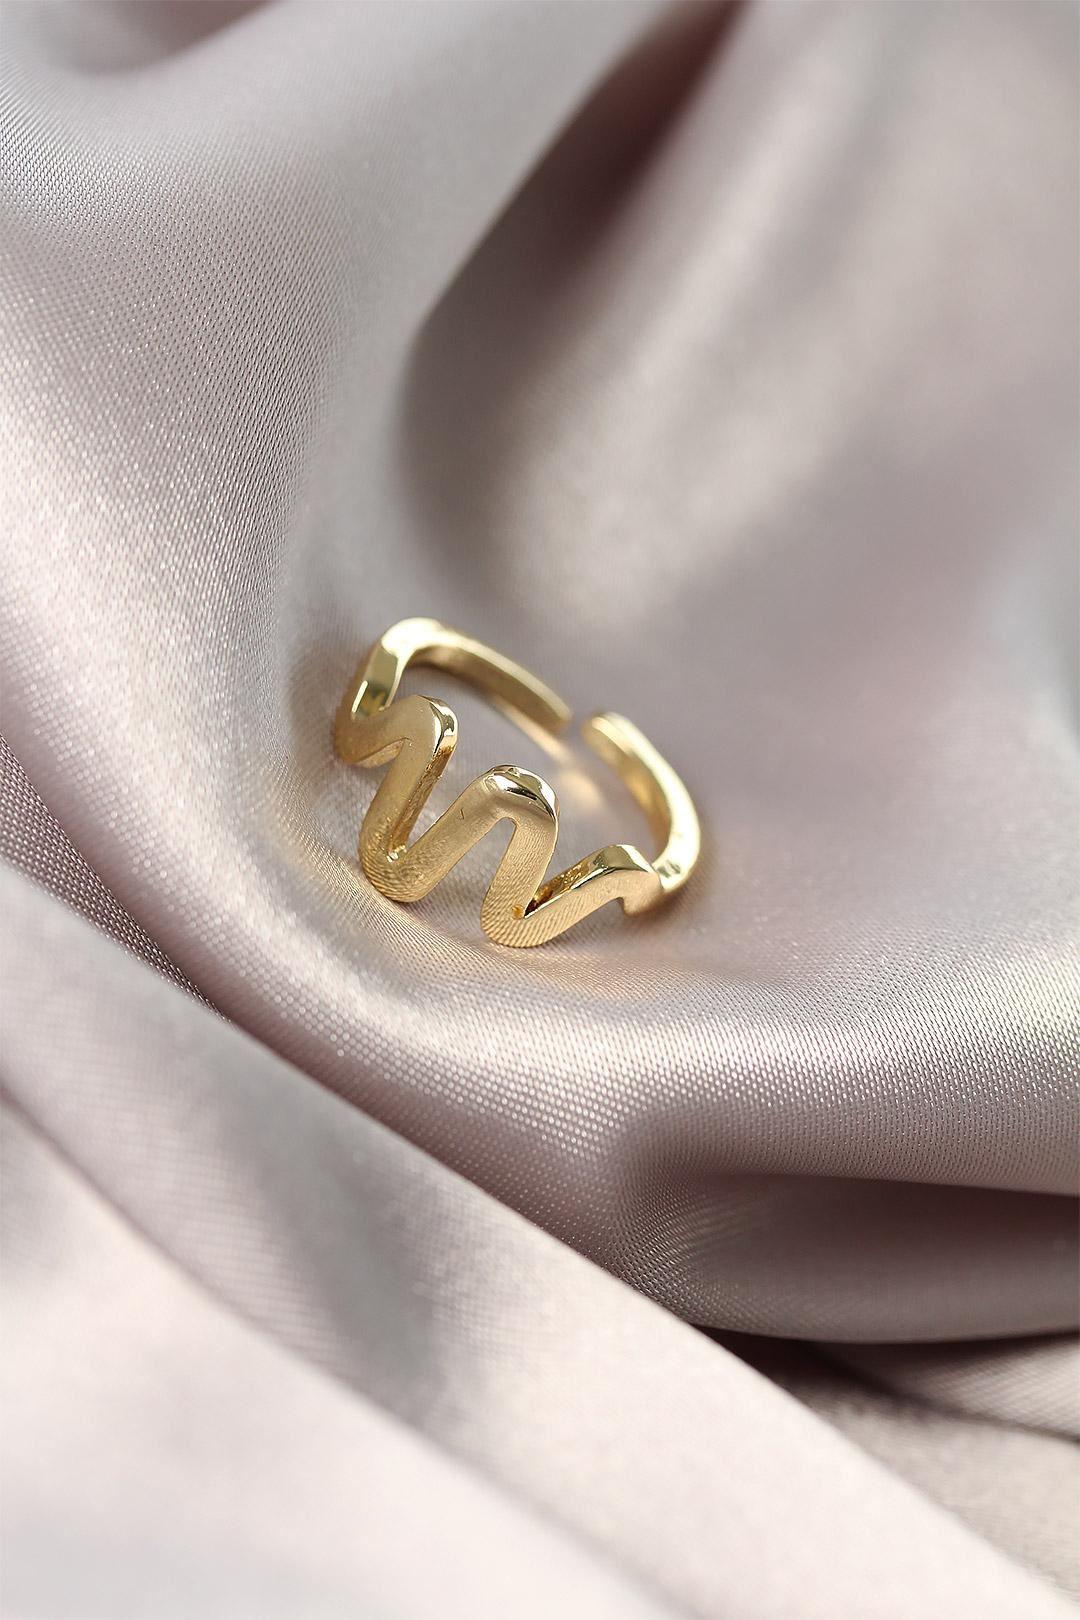 Ritim Tasarımlı Altın  Renk Kadın Yüzük